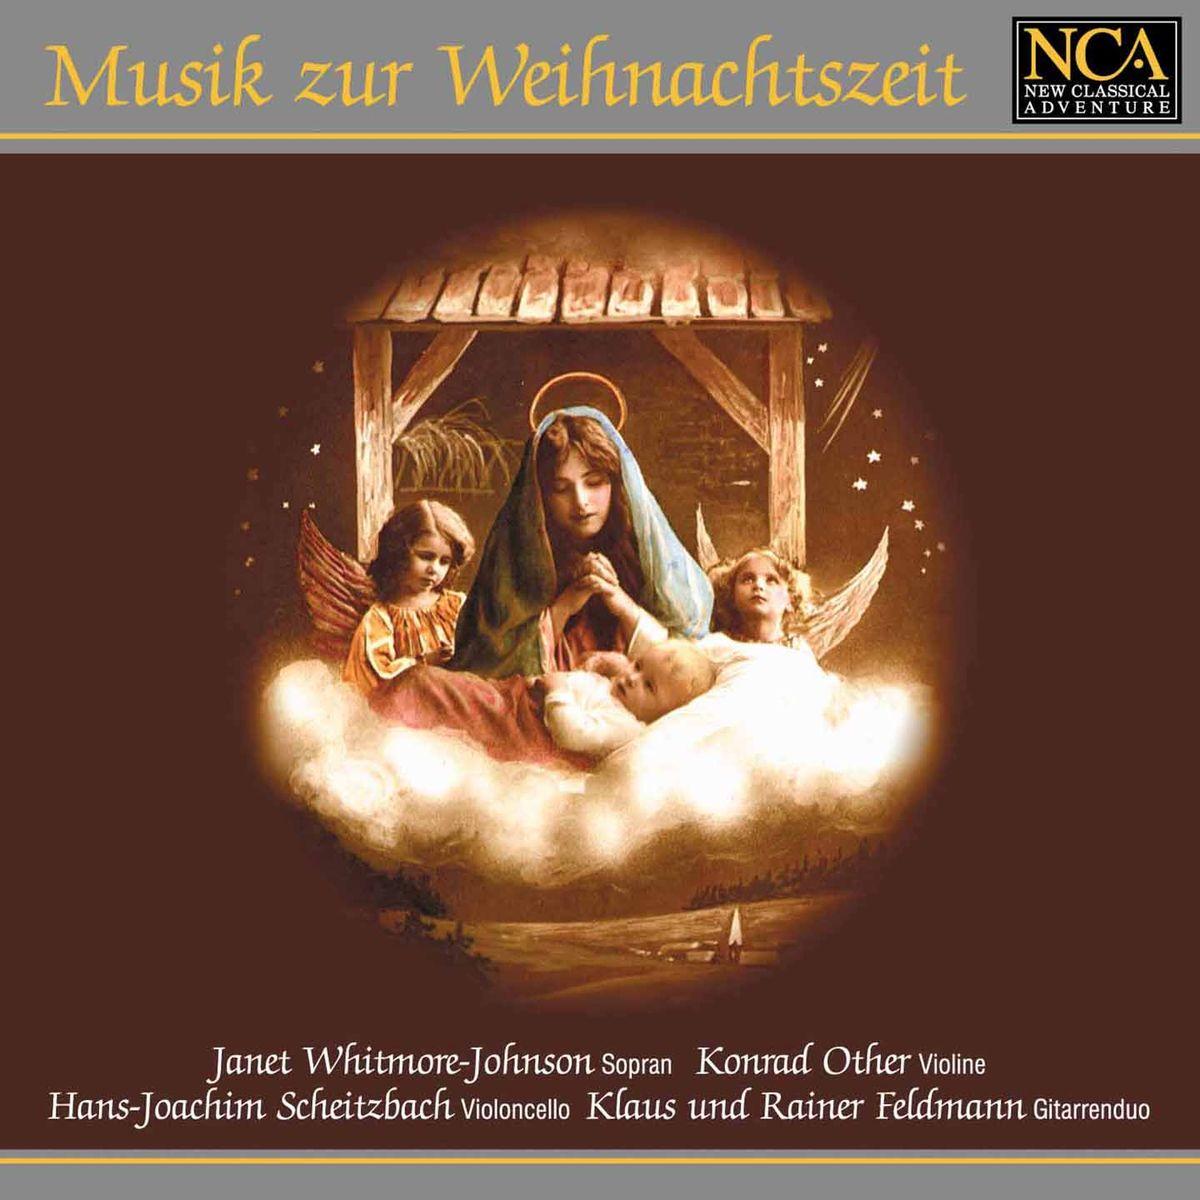 Janes Whitmore, Konrad Other, Hans-Joachim Scheitzbach, Klaus Und Rainer Feldmann. Musik zur Weihnachtszeit